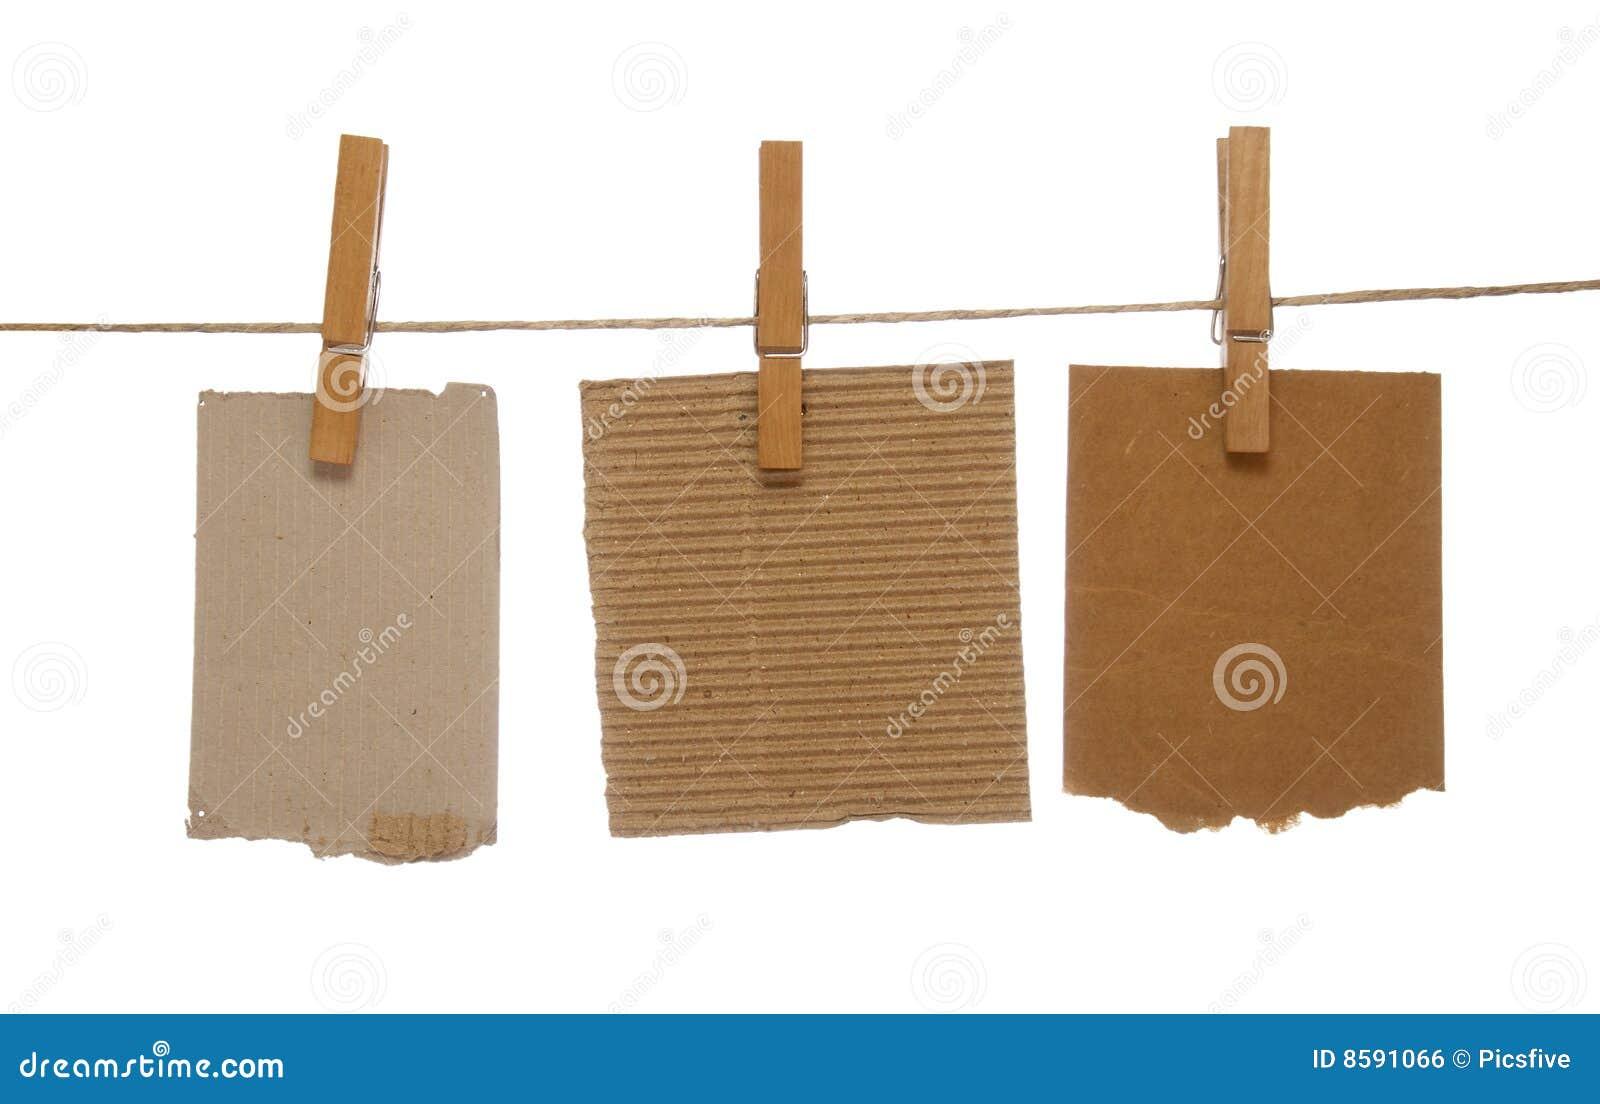 блокноты clothespins